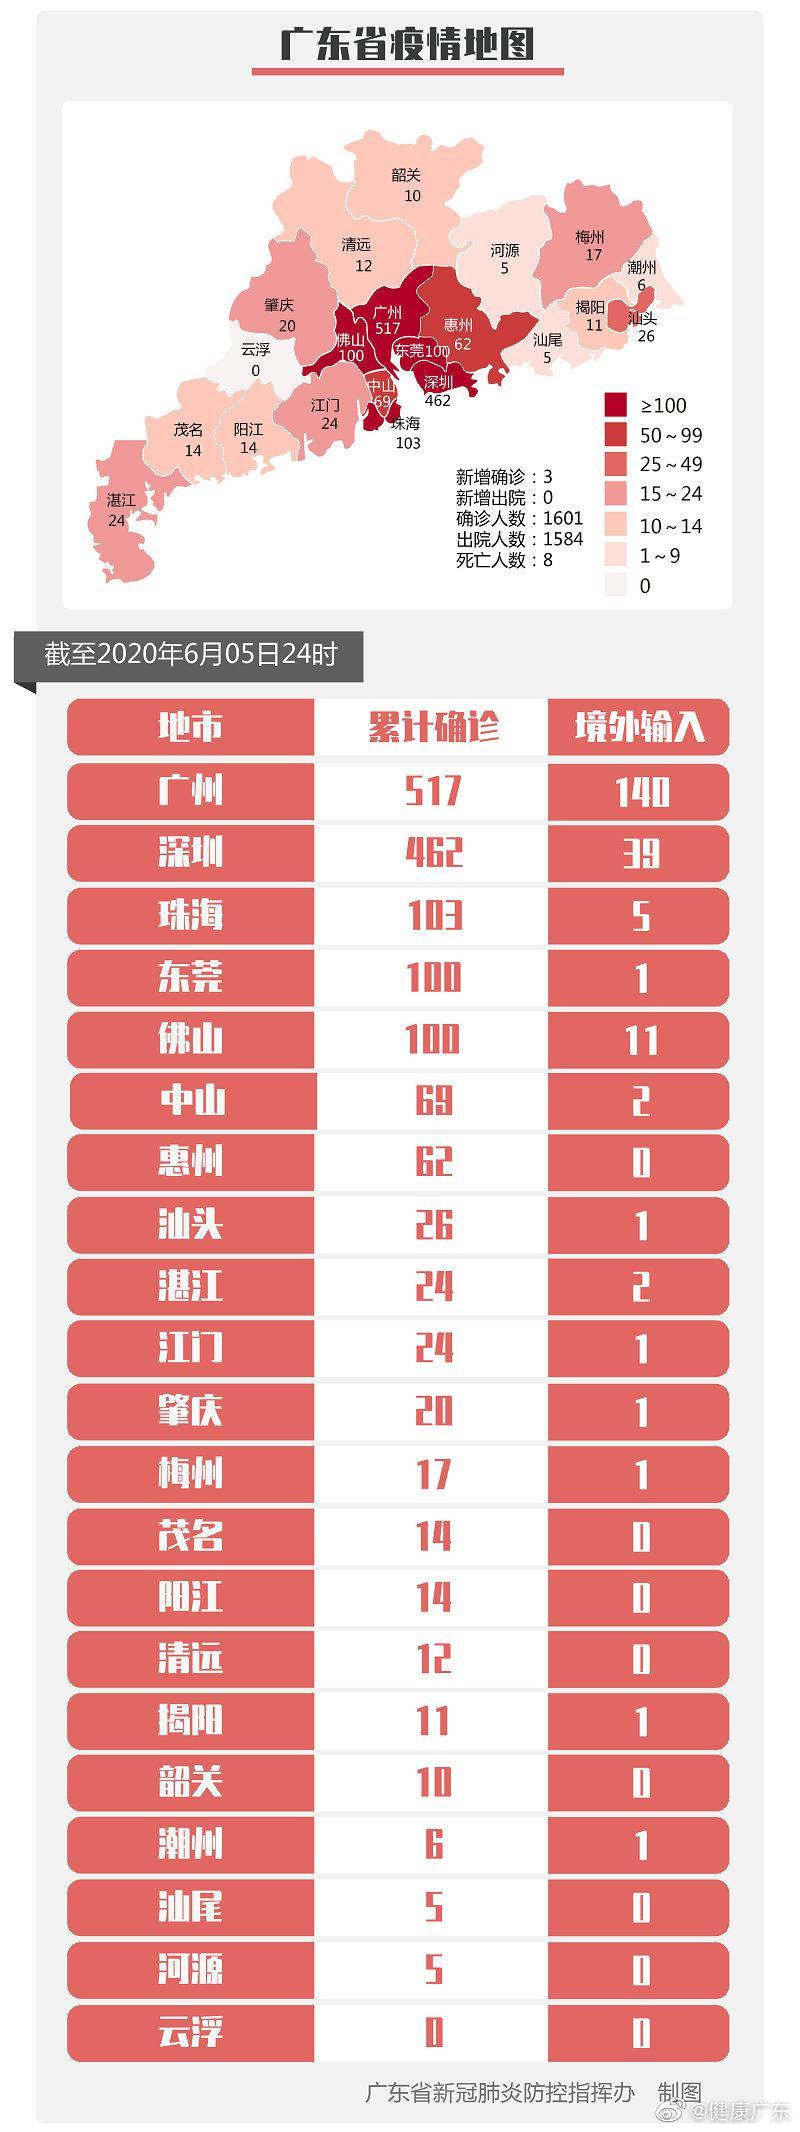 6月5日0-24时 广东新增境外输入确诊病例3例图片